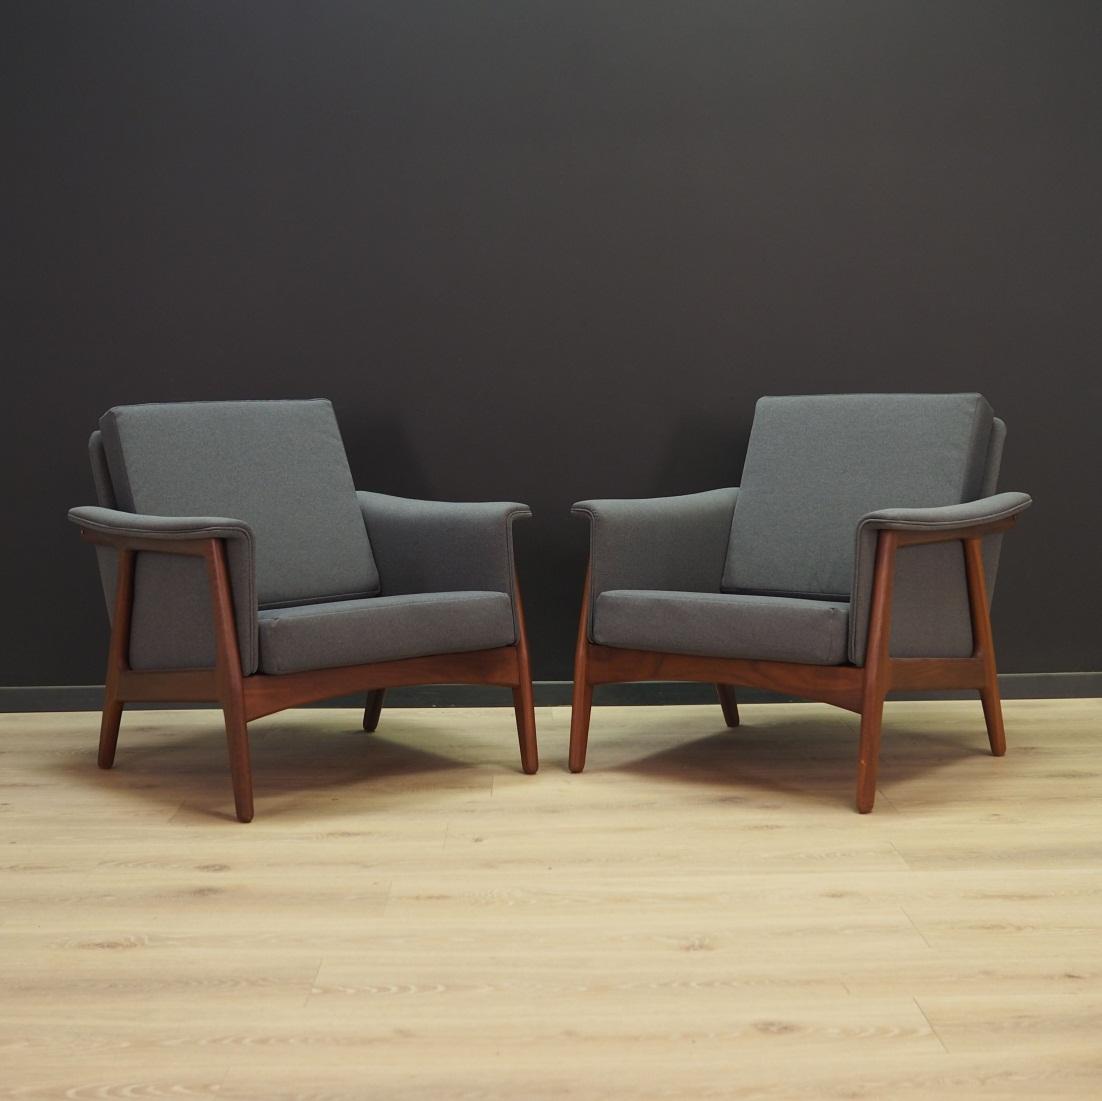 Bọc ghế sofa đẹp cầu nối liên kết cho sự hài hòa của phòng khách